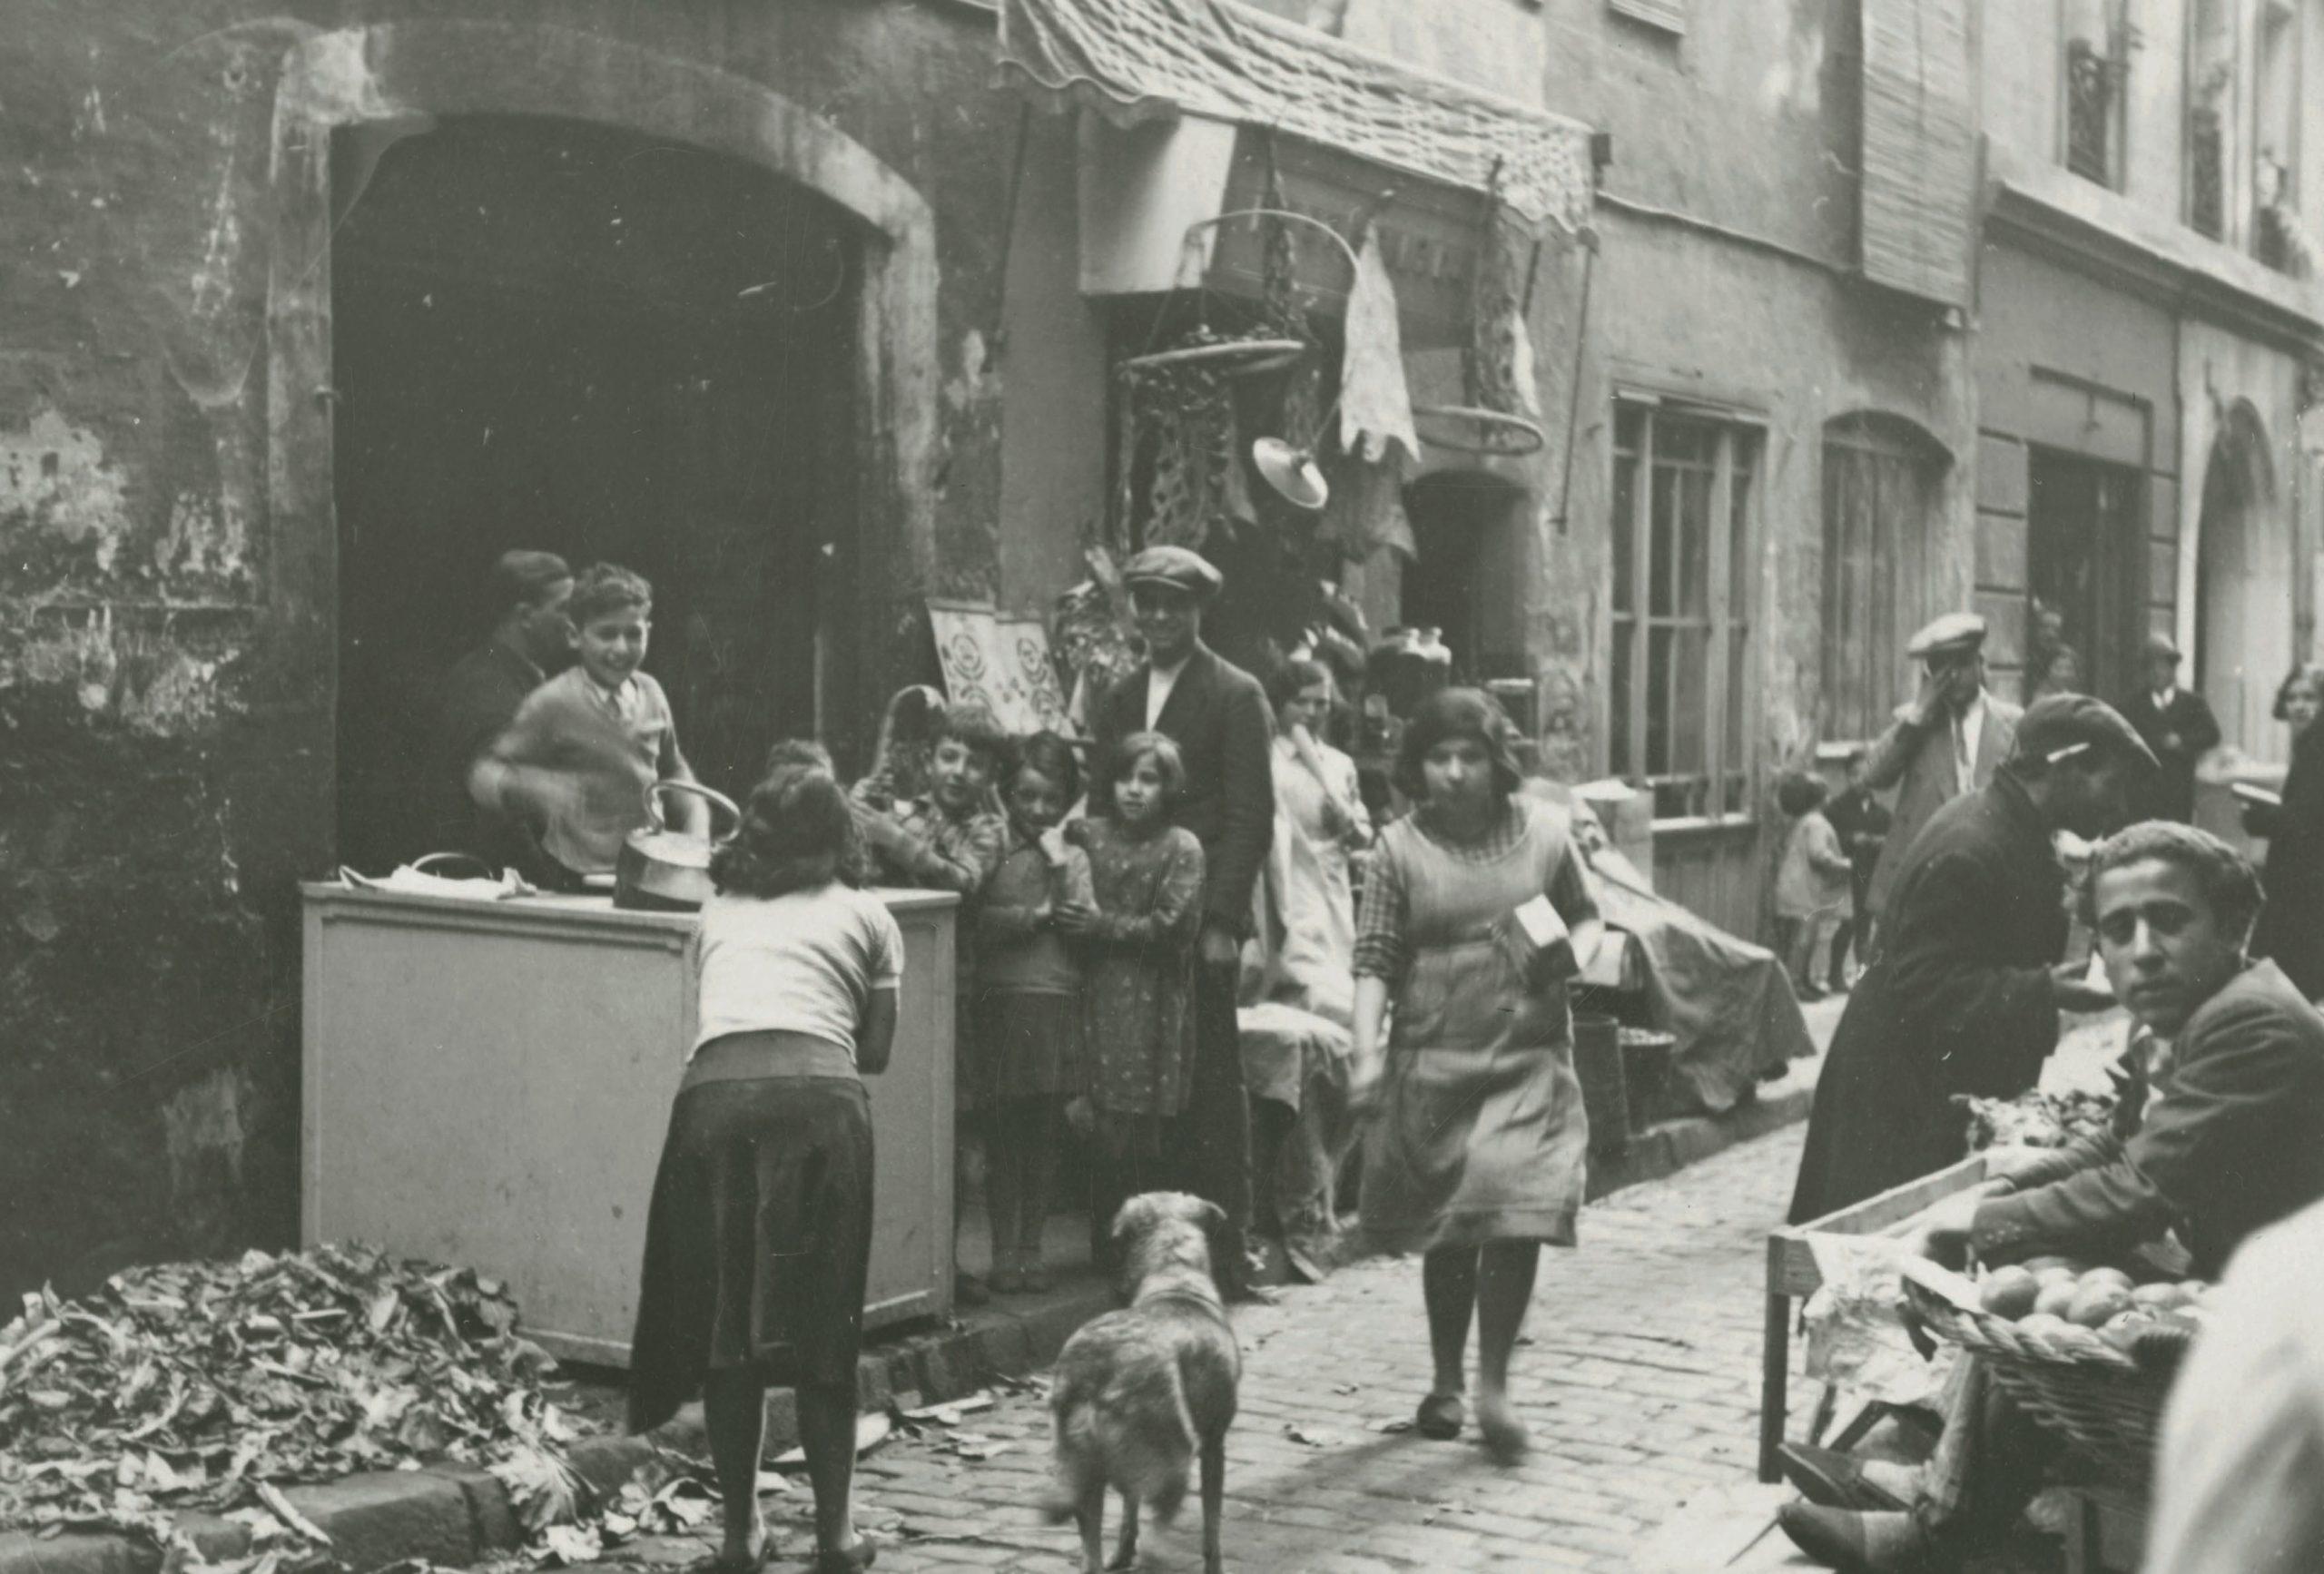 Market at Carrer de l'Om, 1933 | Arxiu Fotogràfic de Barcelona. Author: Margaret Michaelis.